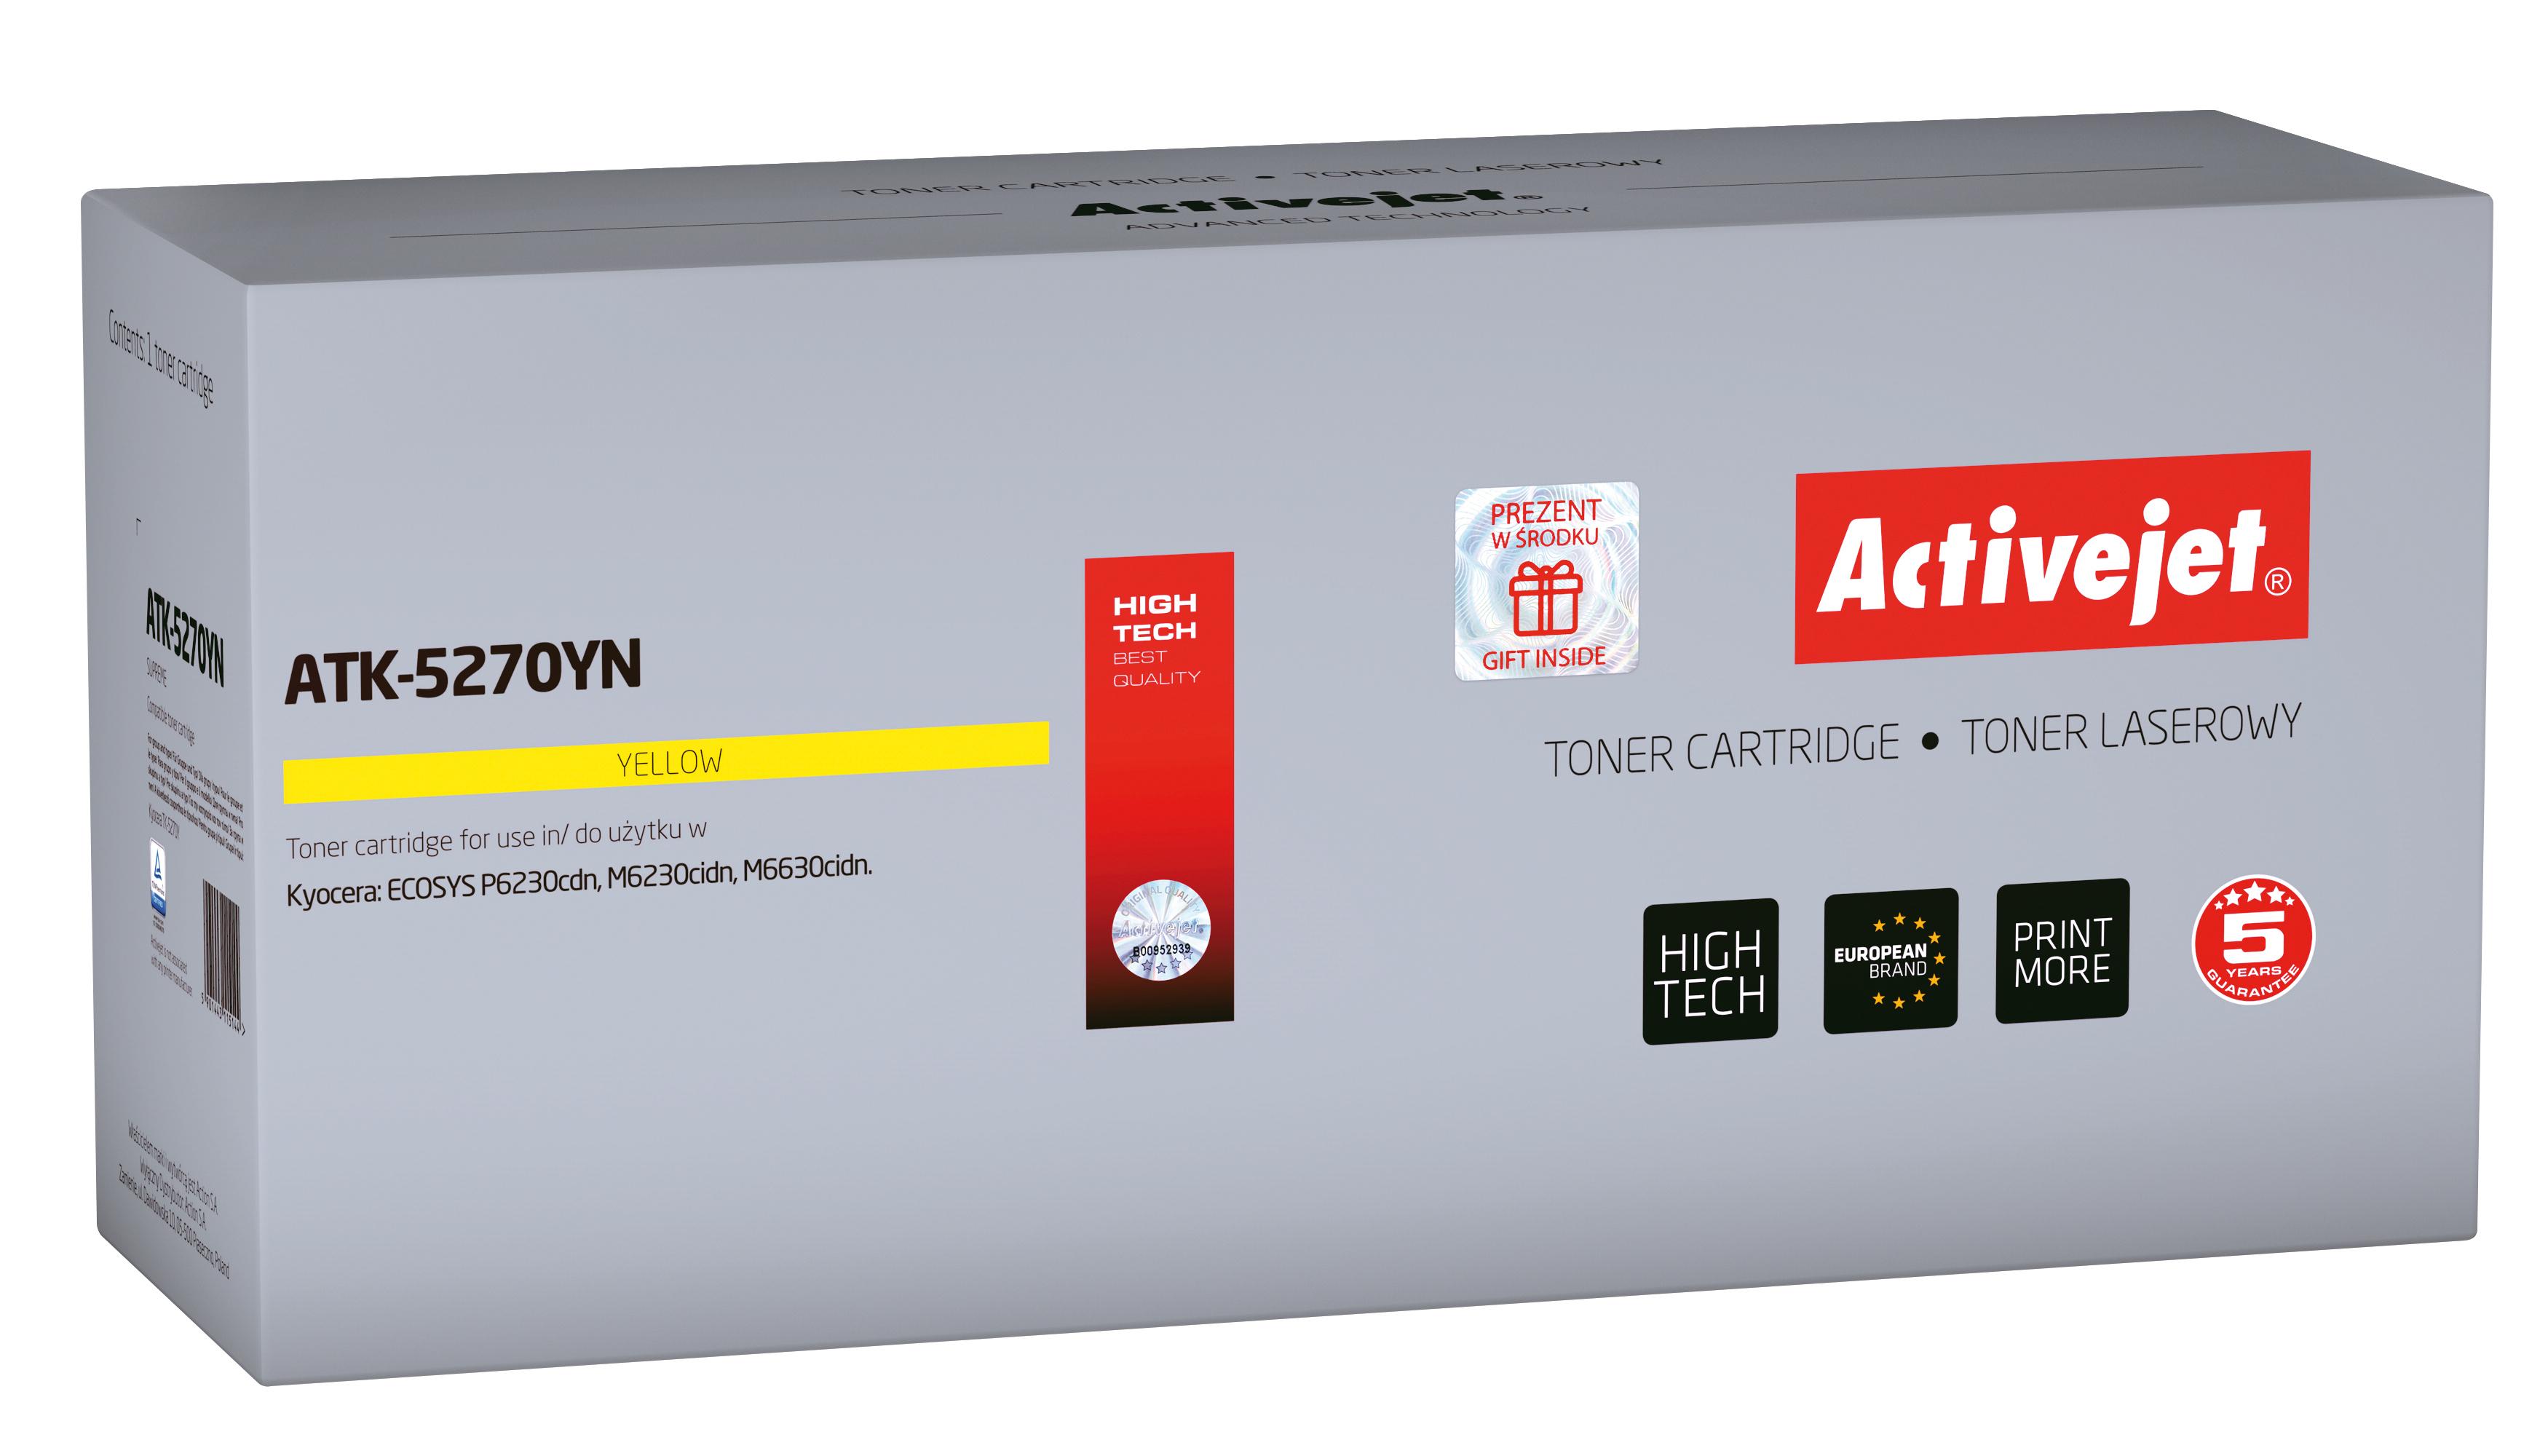 Toner Activejet  ATK-5270YN do drukarki Kyocera, Zamiennik Kyocera TK-5270Y; Supreme; 6000 stron; Żólty.